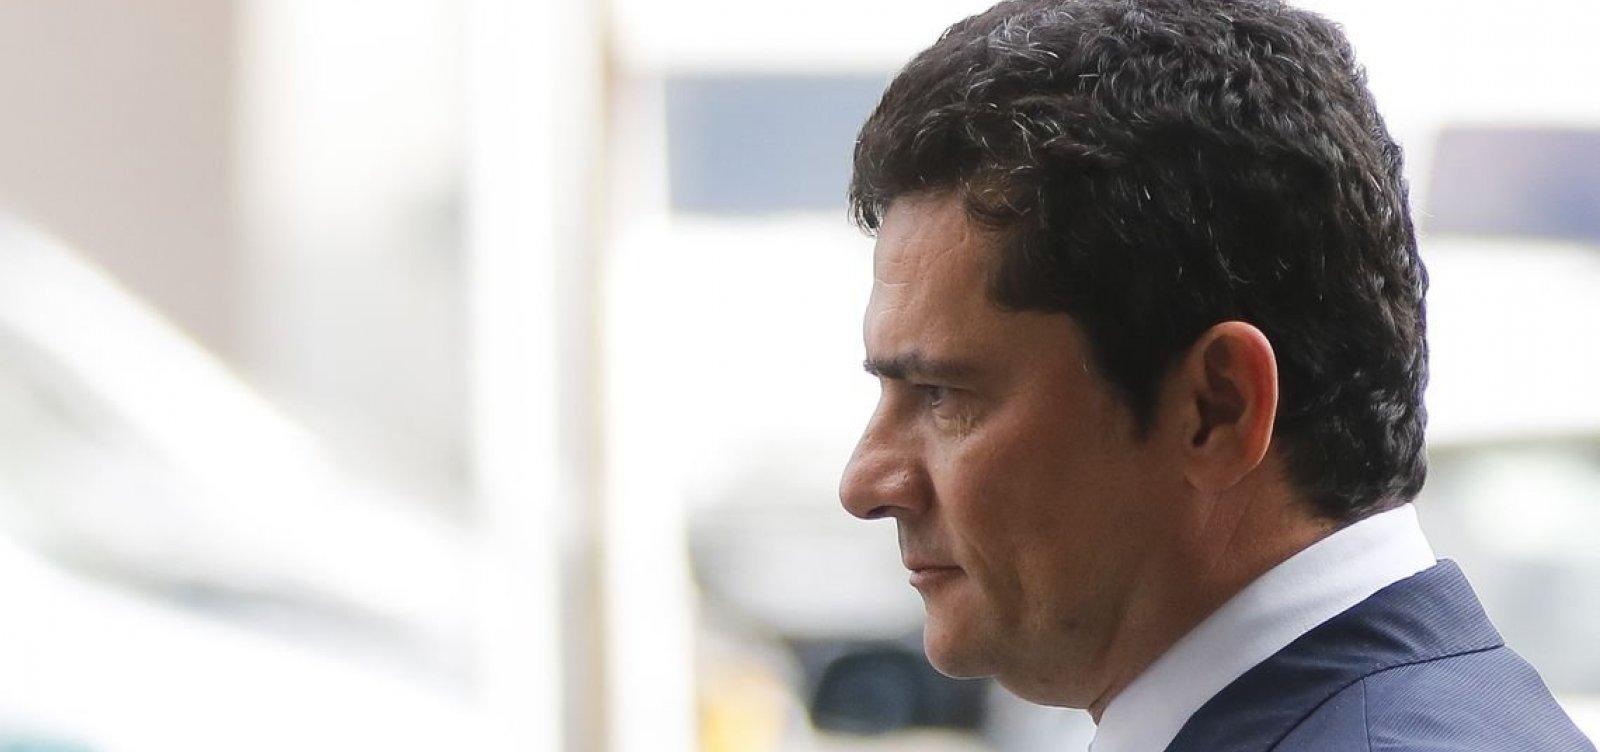 Moro cita 'possível equívoco' na investigação do caso Marielle e pede a PGR abertura de inquérito